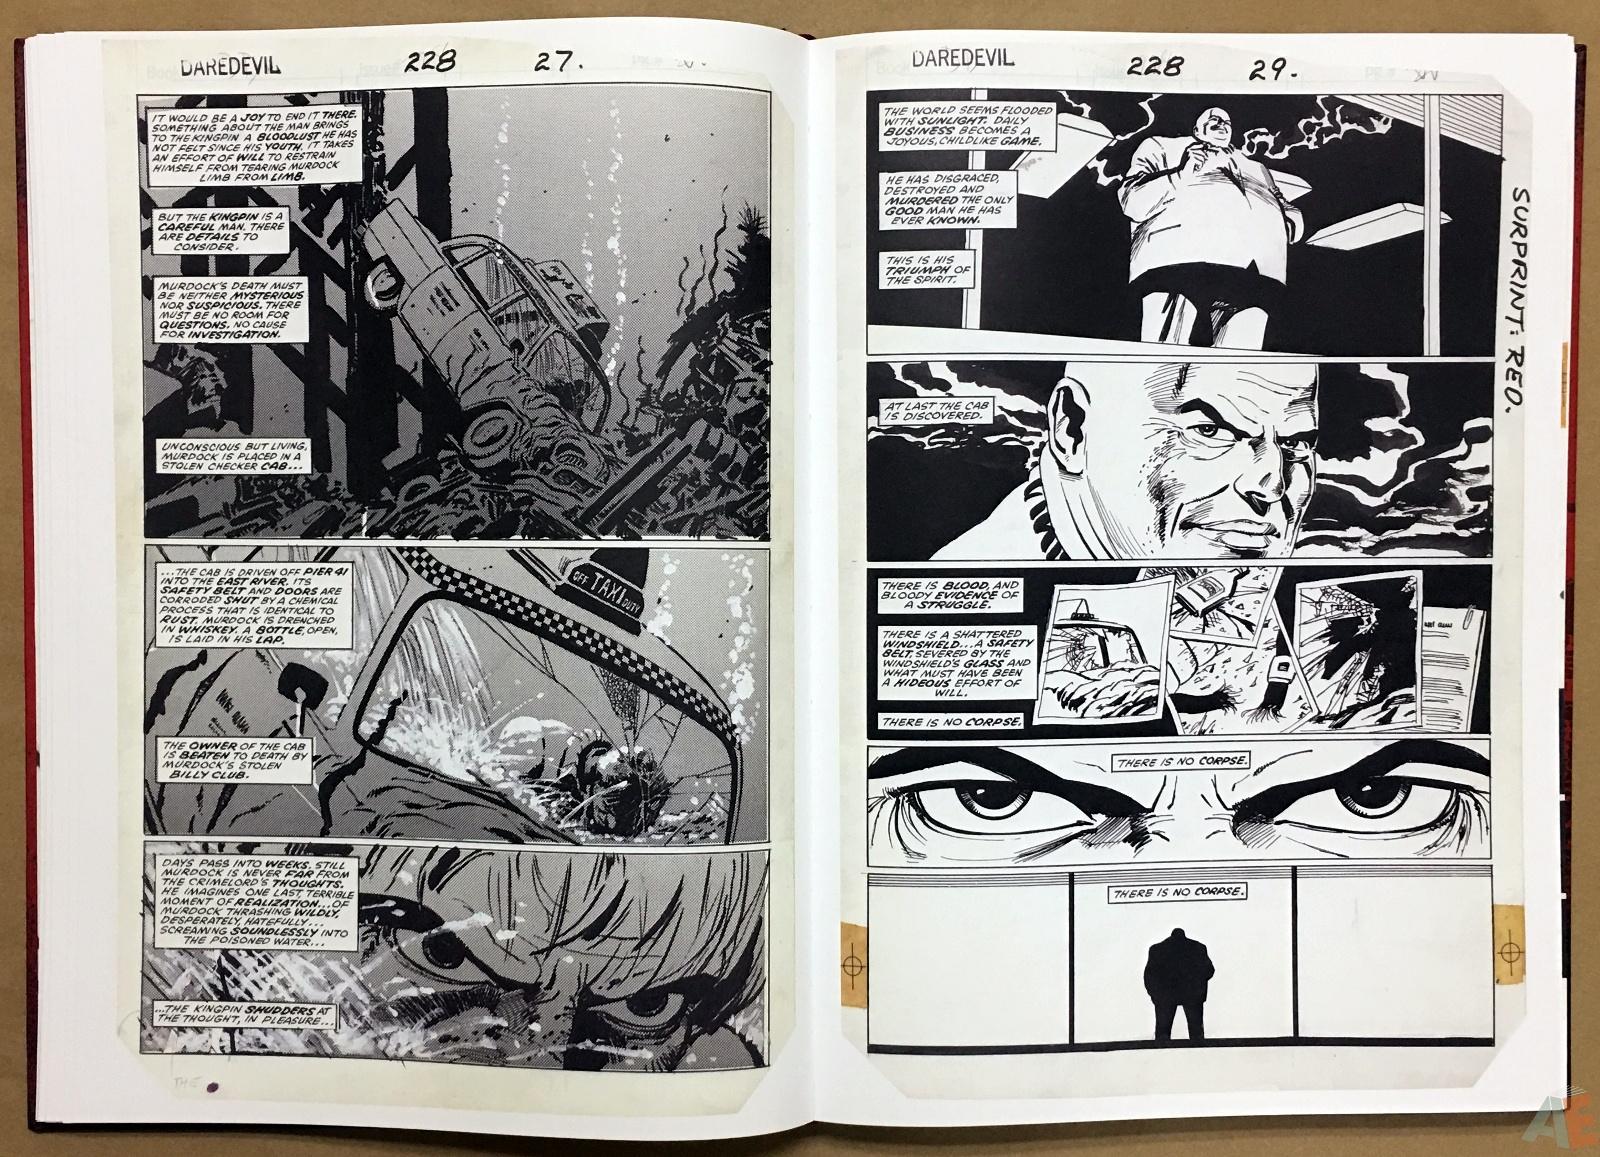 David Mazzucchelli's Daredevil Born Again: Artist's Edition 16